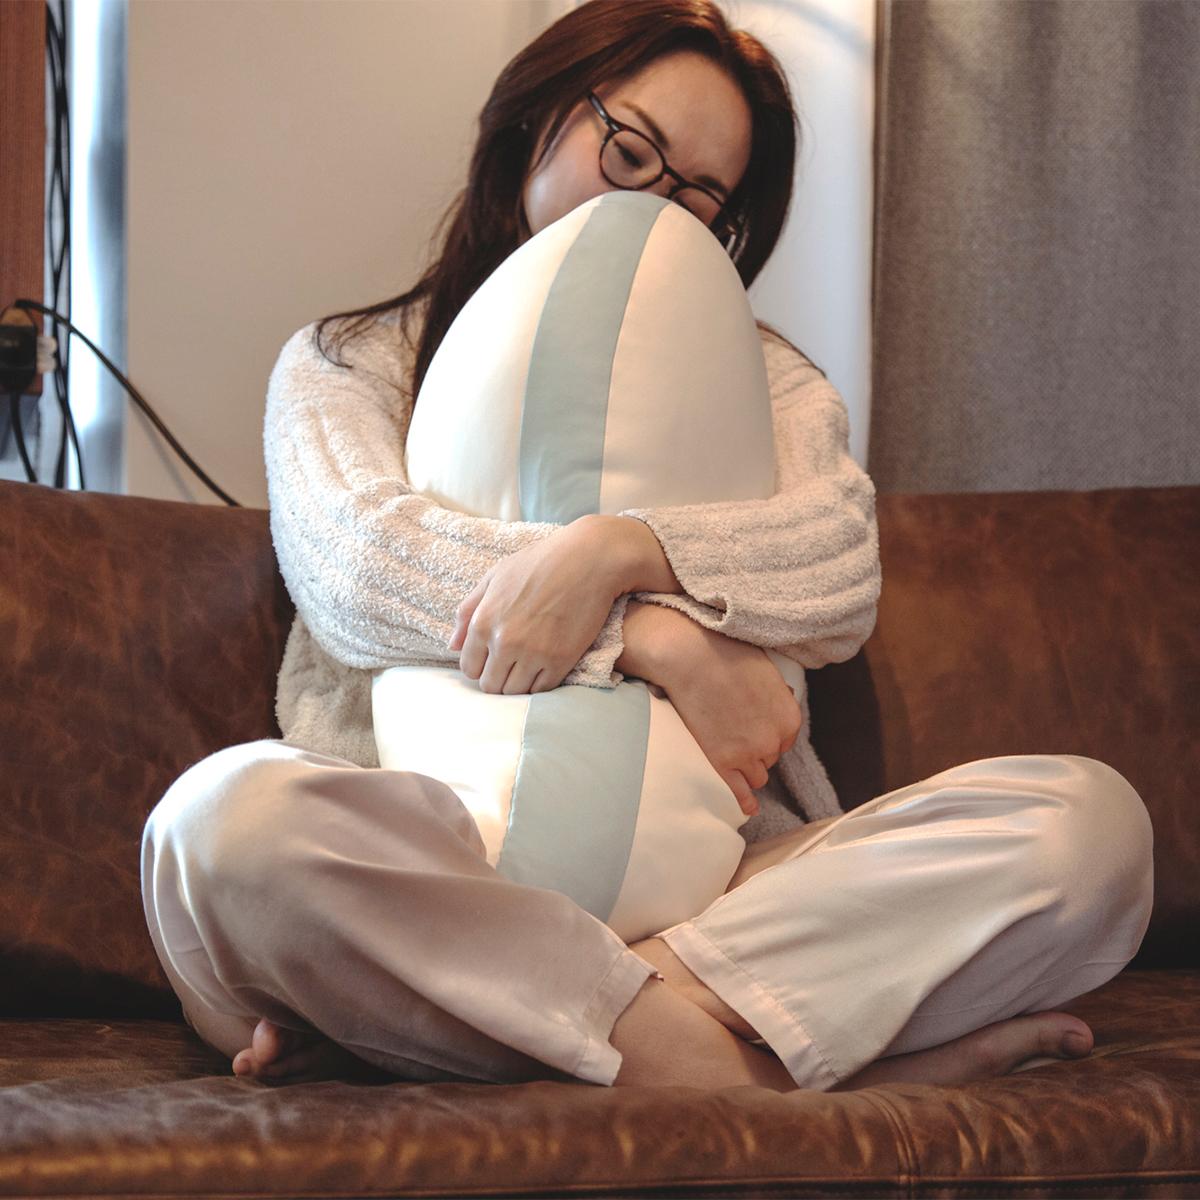 肩・腰の痛みやいびき対策にも◎。仕事や悩みごとで体がコチコチ、寝つきにくい人、寝起きに肩や腰が痛みやすい人、いびきが気になる人におすすめの『抱き枕』|megumi